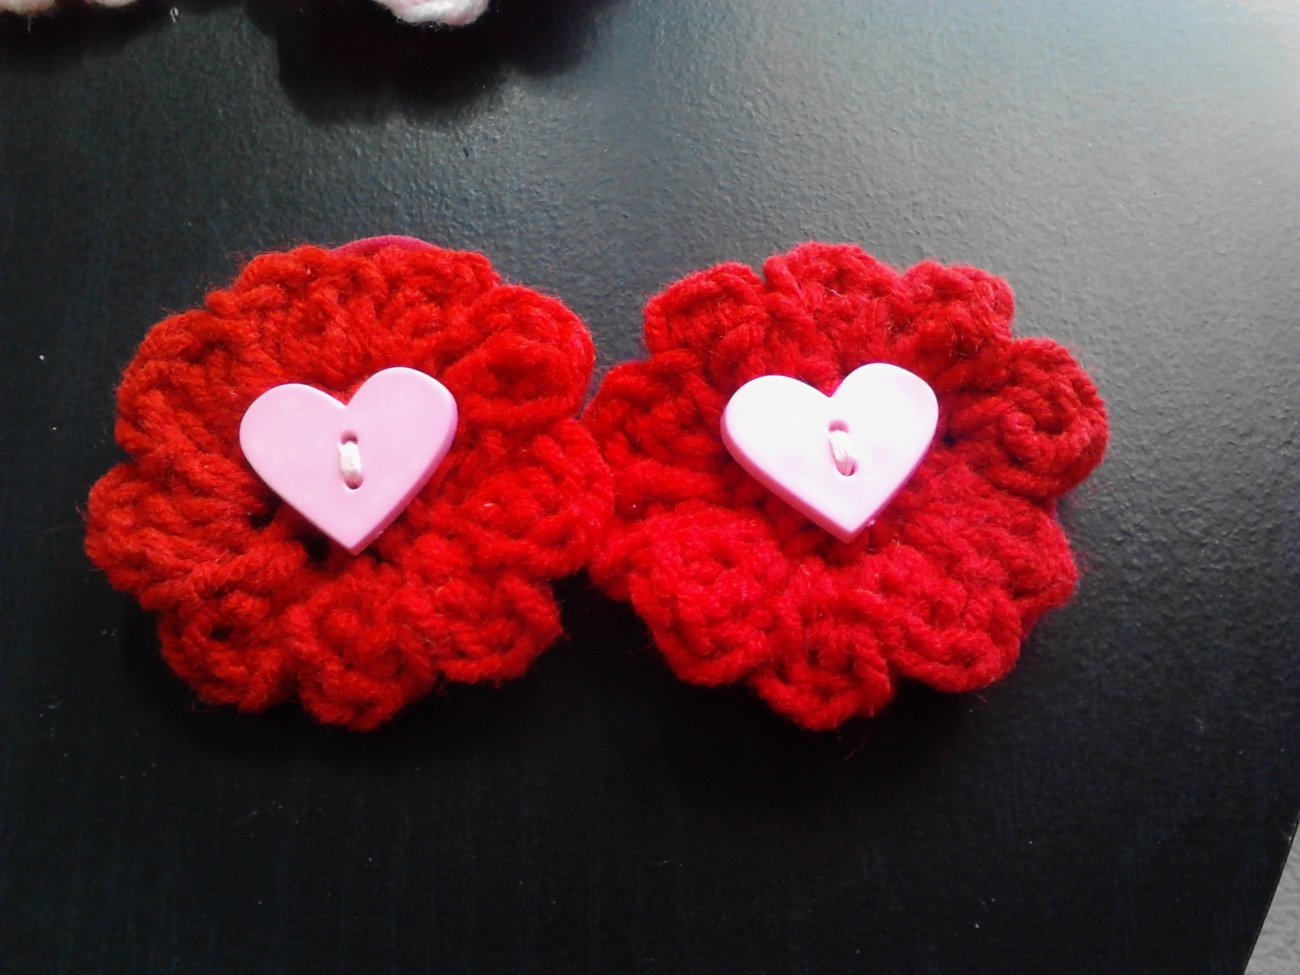 Crochet Heart Pony Tail Holders/3